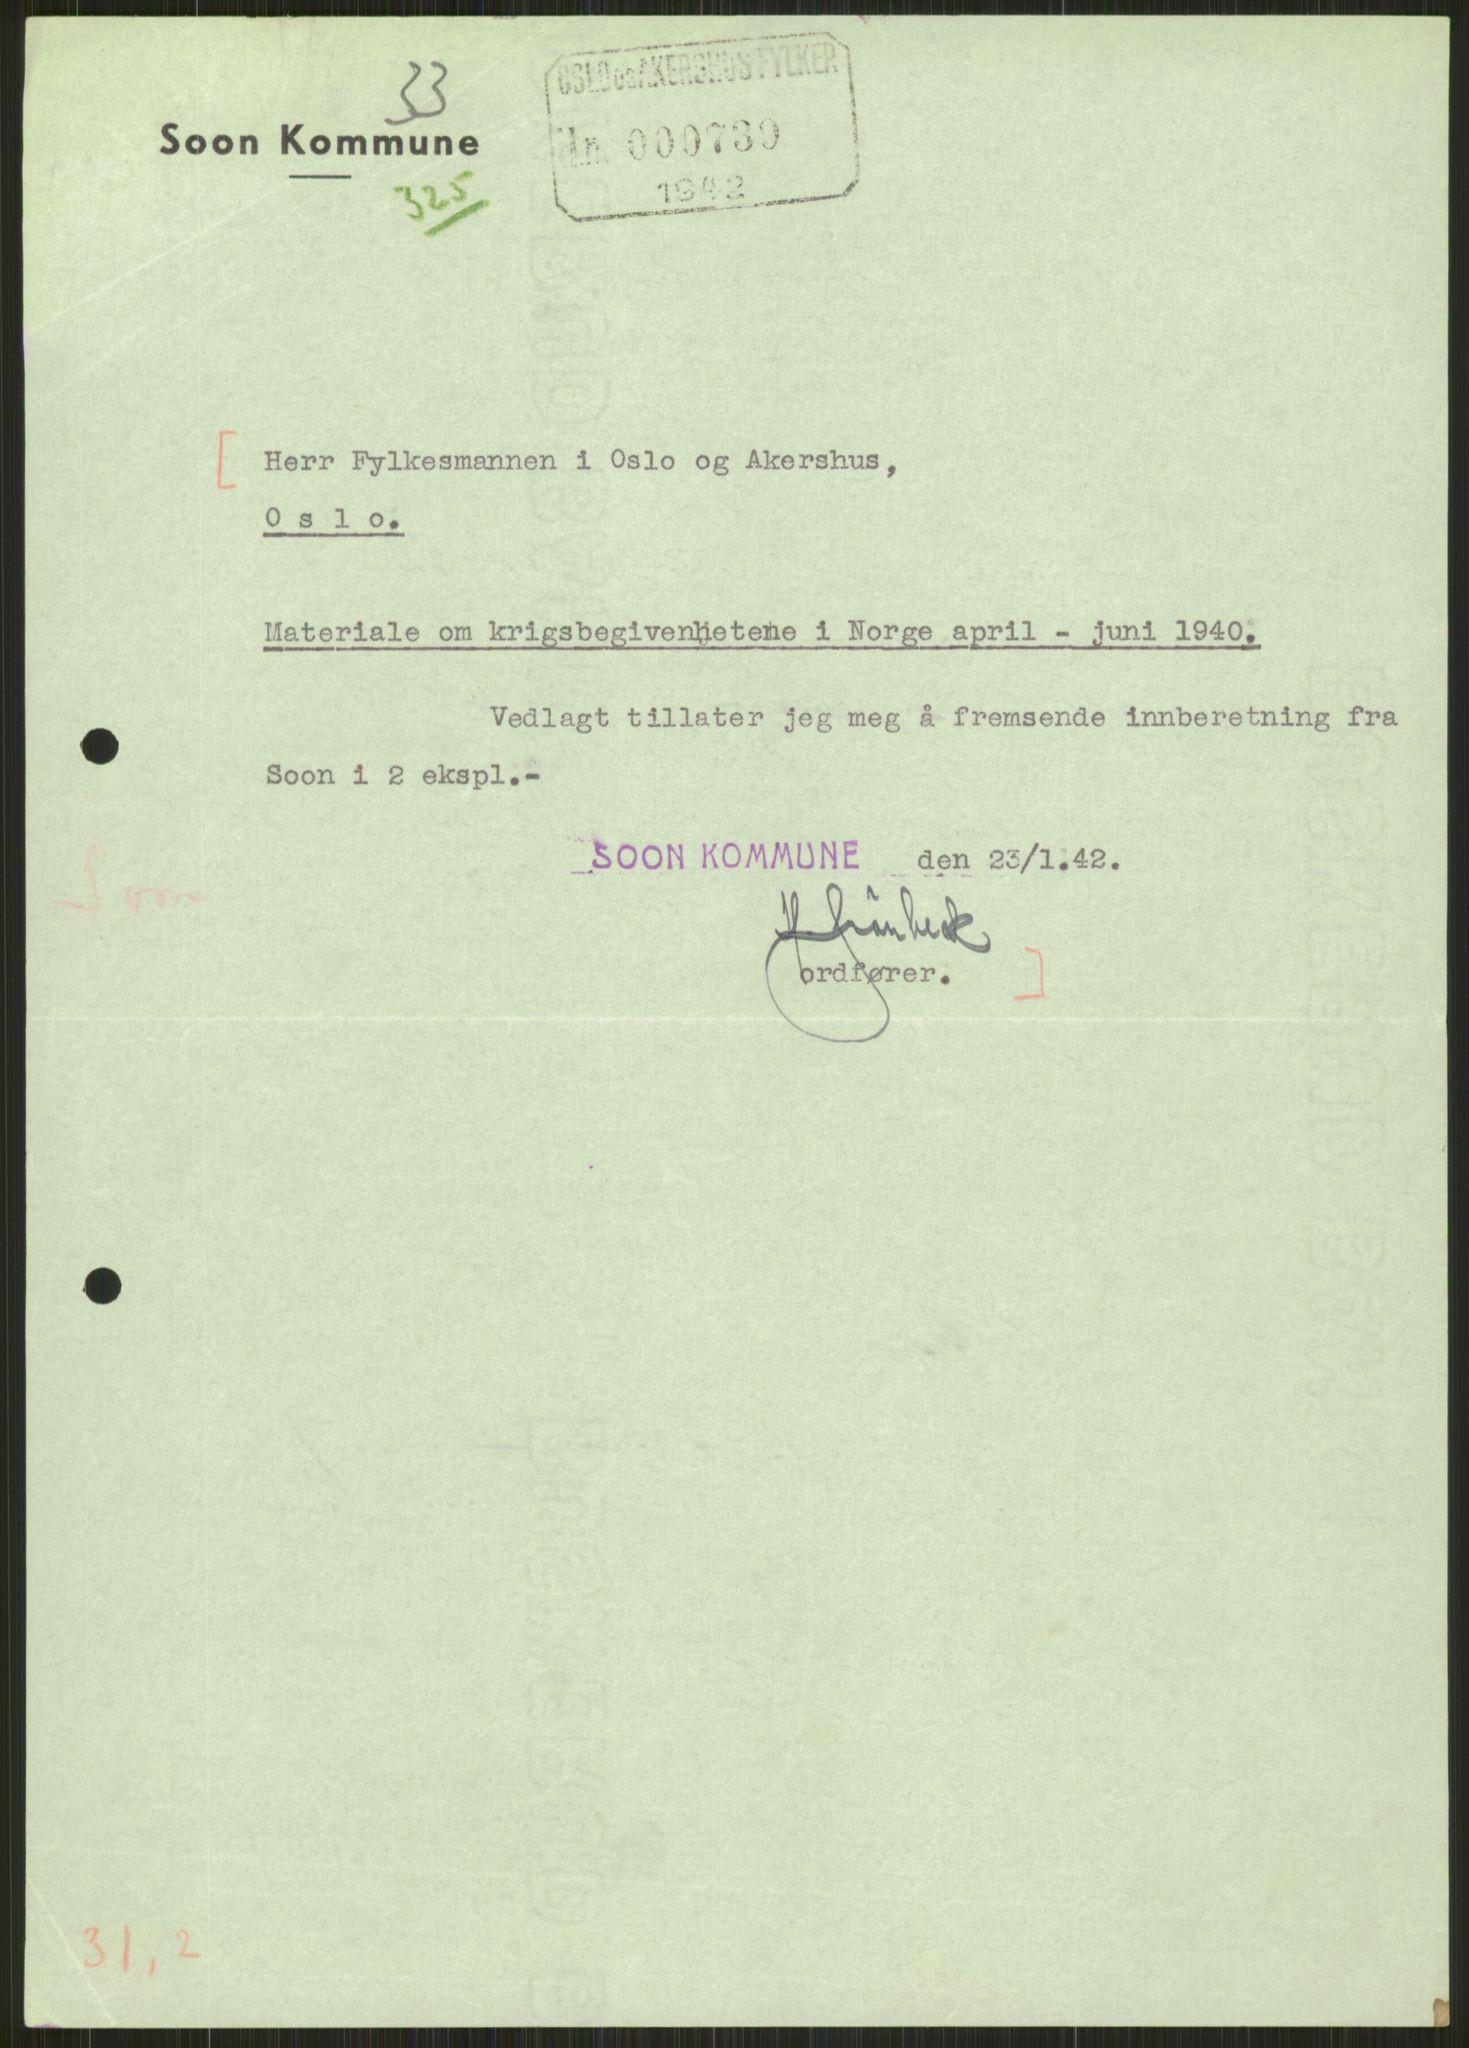 RA, Forsvaret, Forsvarets krigshistoriske avdeling, Y/Ya/L0013: II-C-11-31 - Fylkesmenn.  Rapporter om krigsbegivenhetene 1940., 1940, s. 830